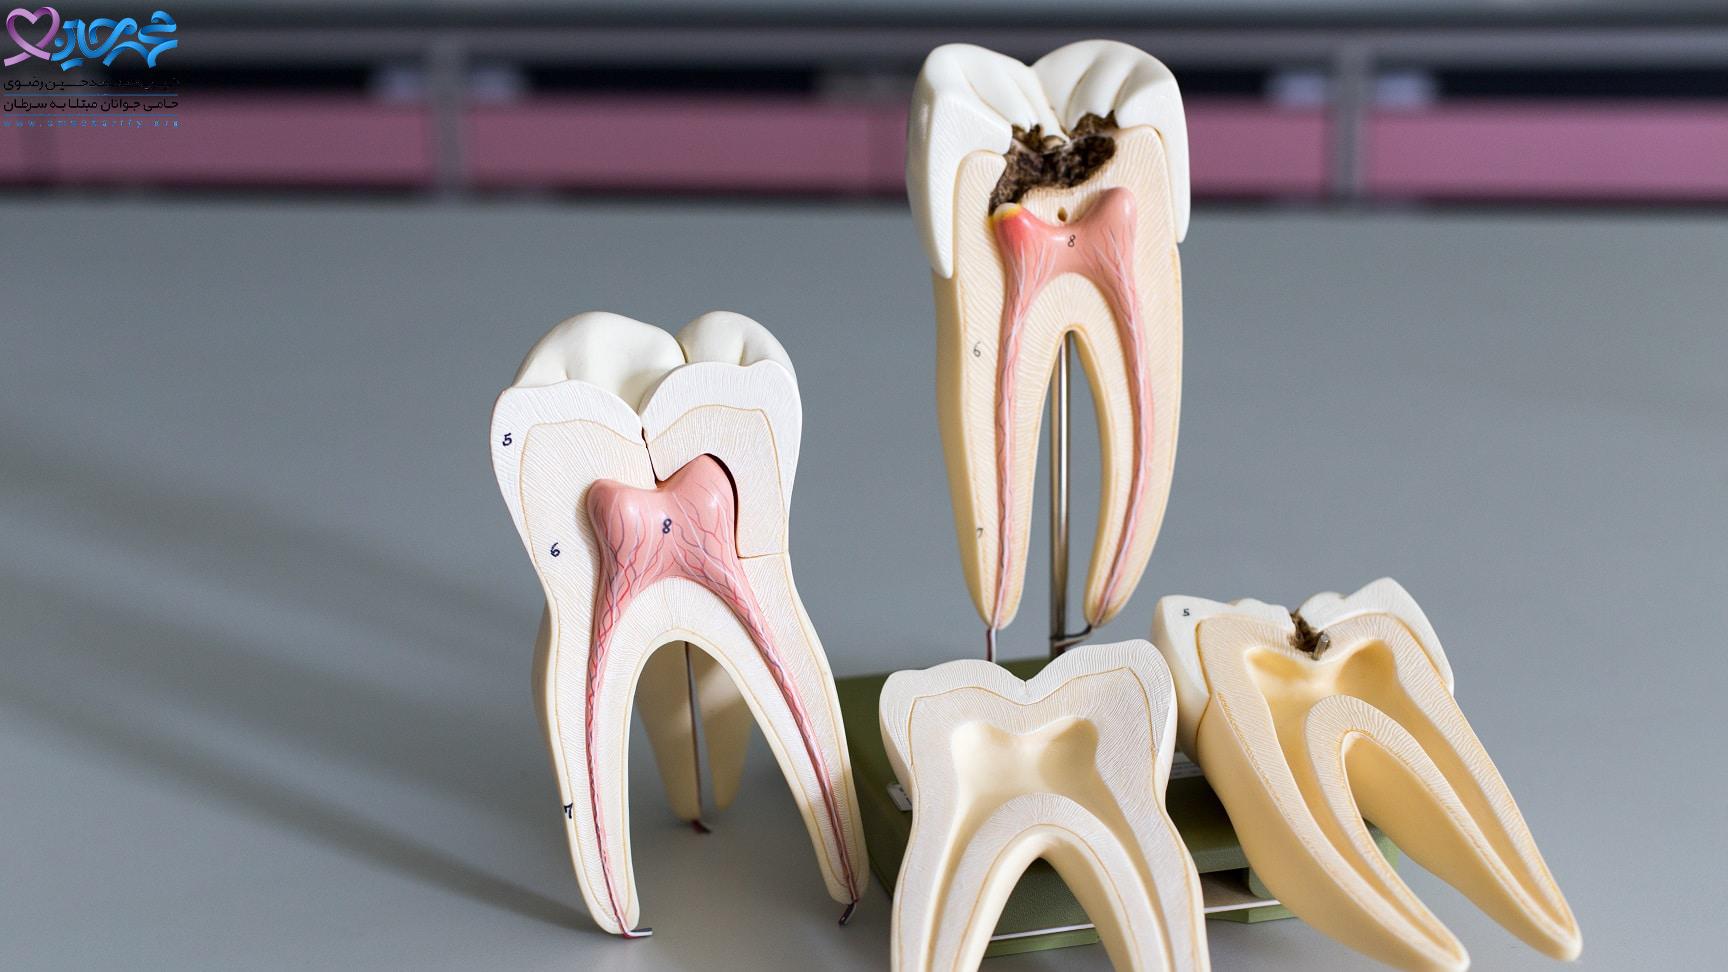 آیا درمان ریشه دندان باعث سرطان می شود؟